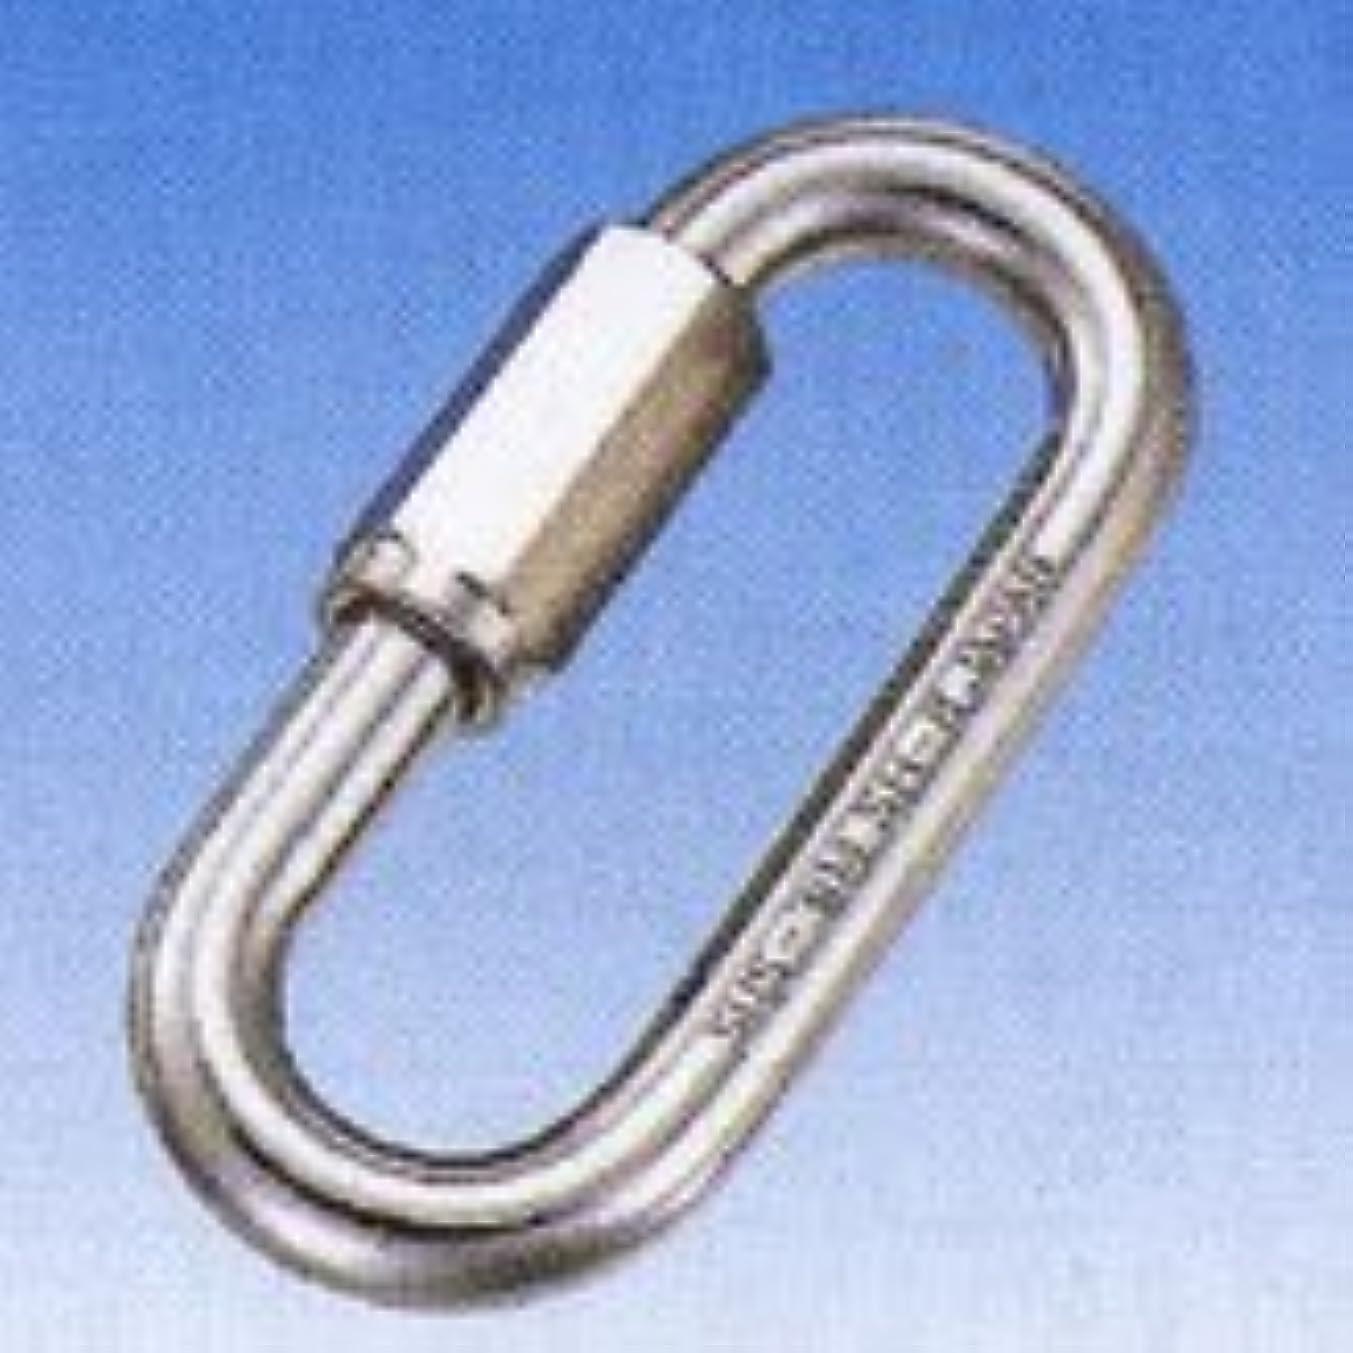 論争的シャー保証水本 ステンレス 丸リンク 線径13mm内径60mm R1360